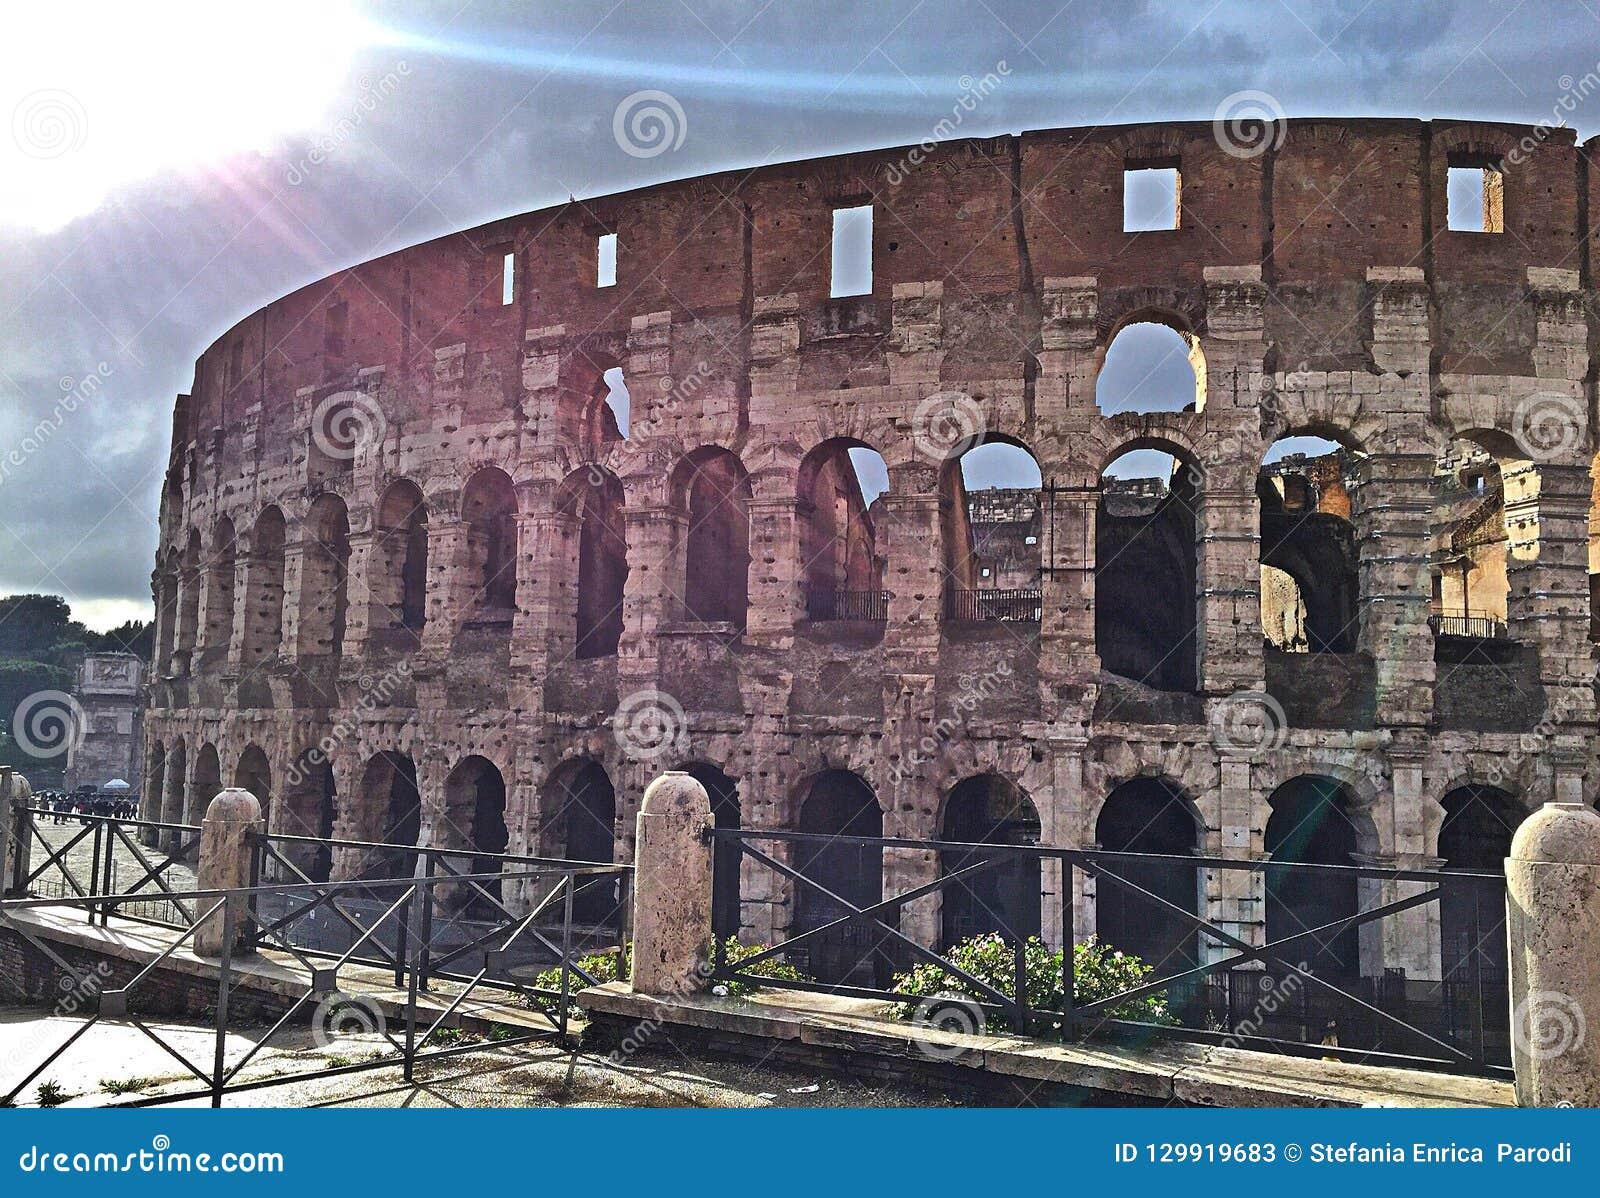 Sun dopo pioggia a Roma Colosseum